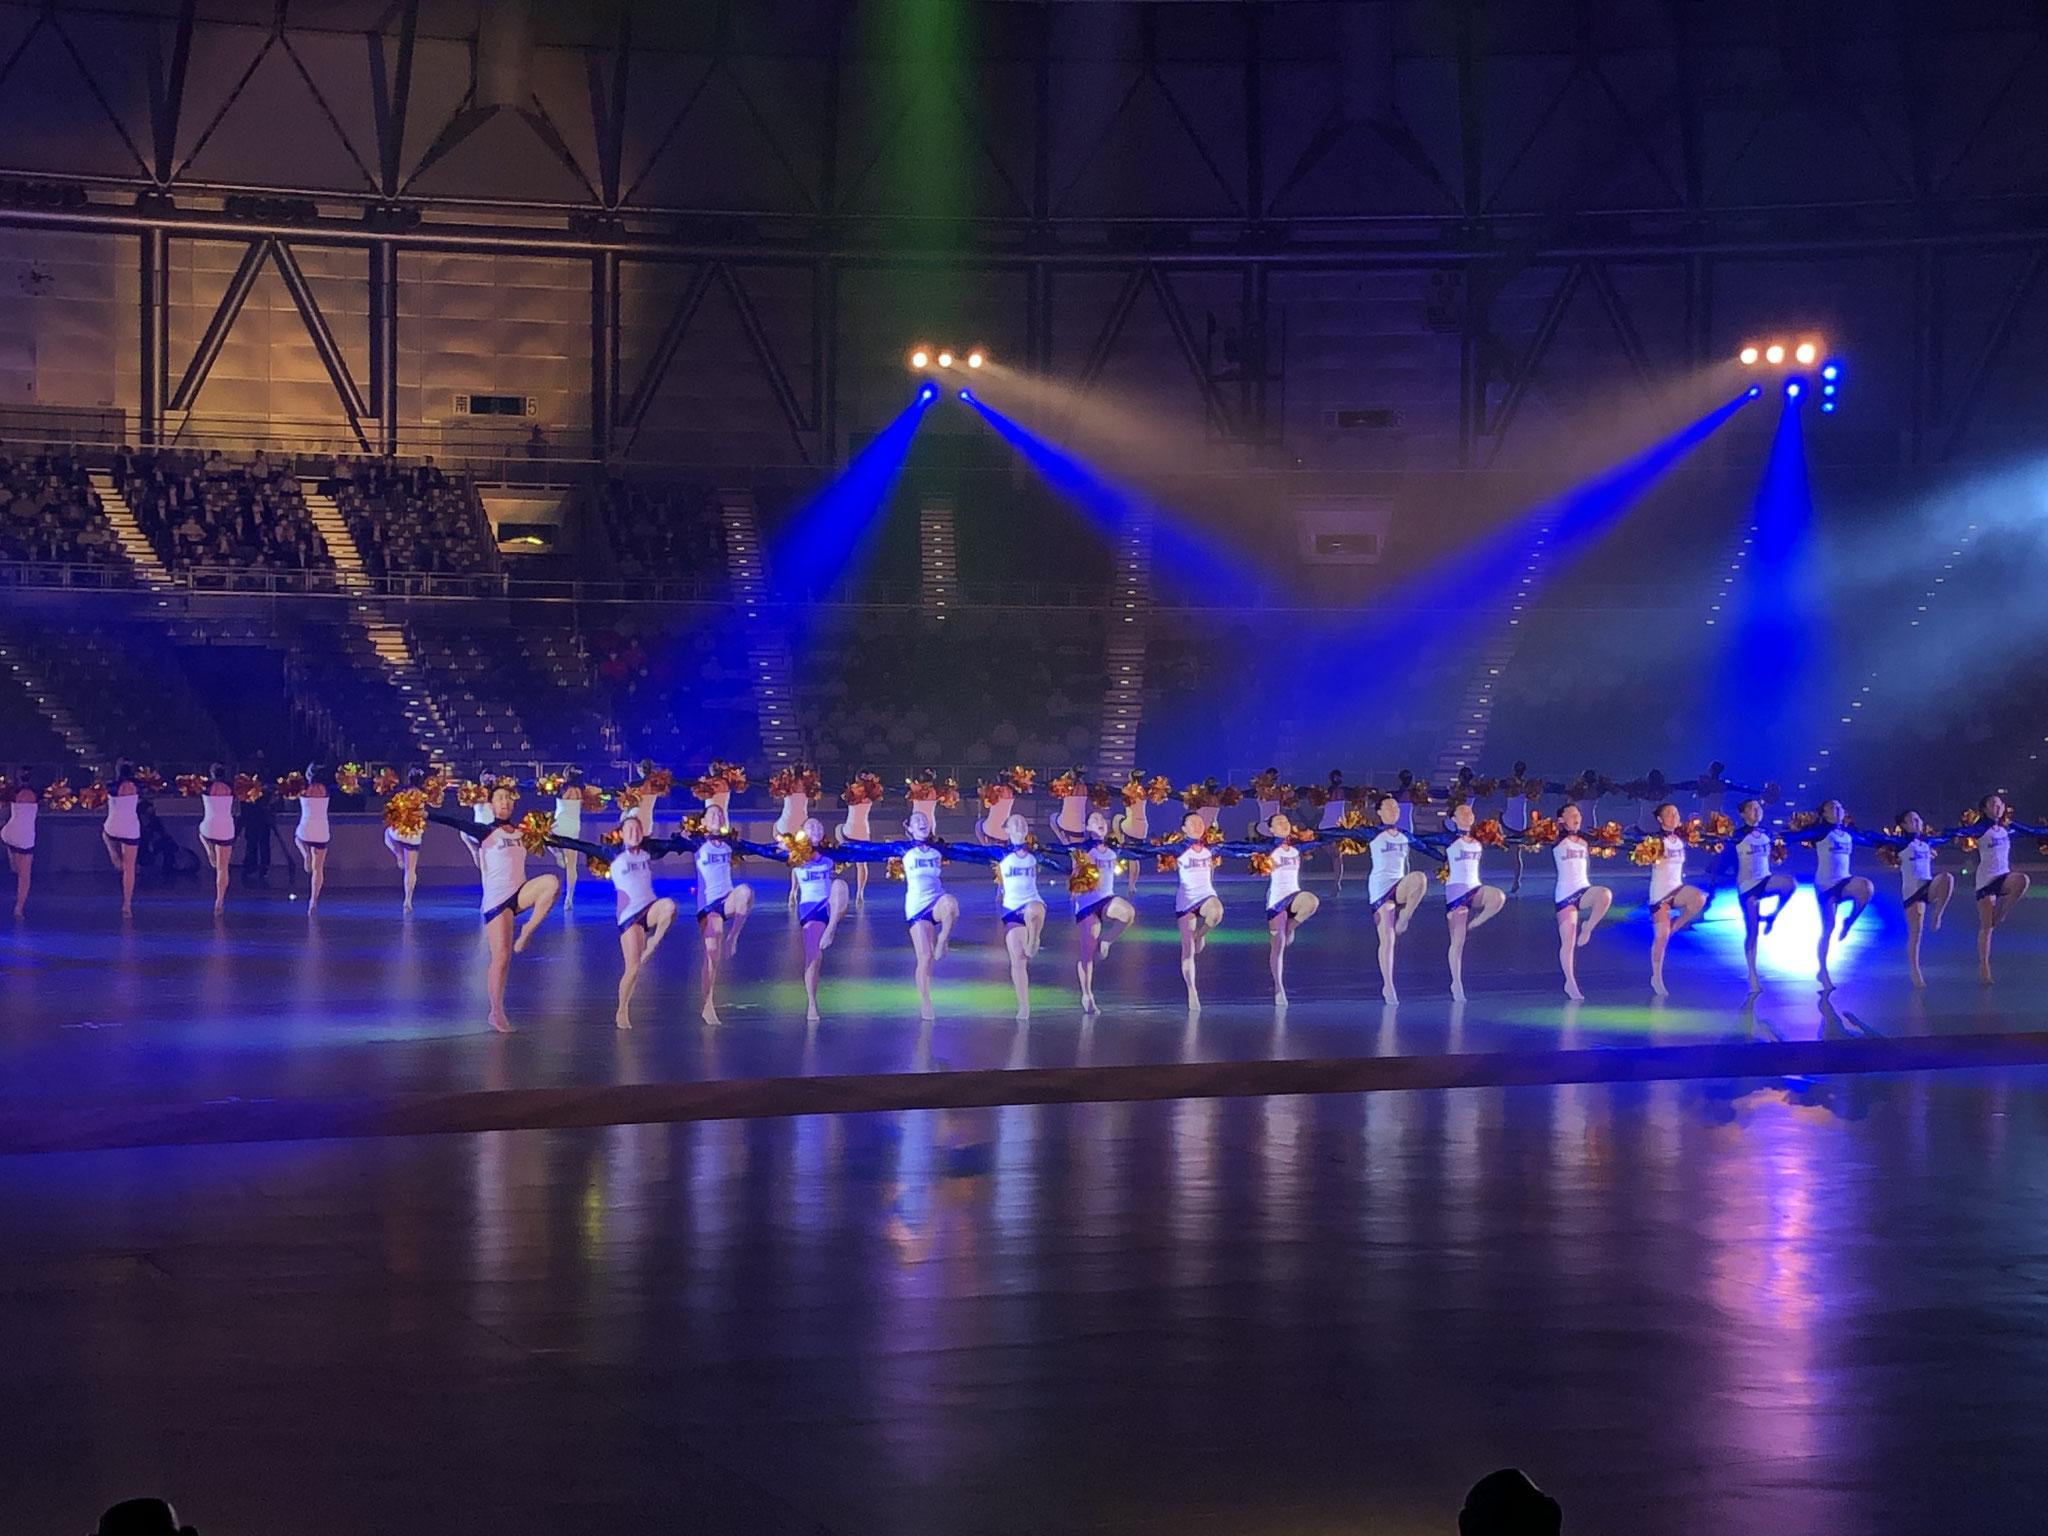 【総合開会式】福井商業高校チアリーダー部「Jets」